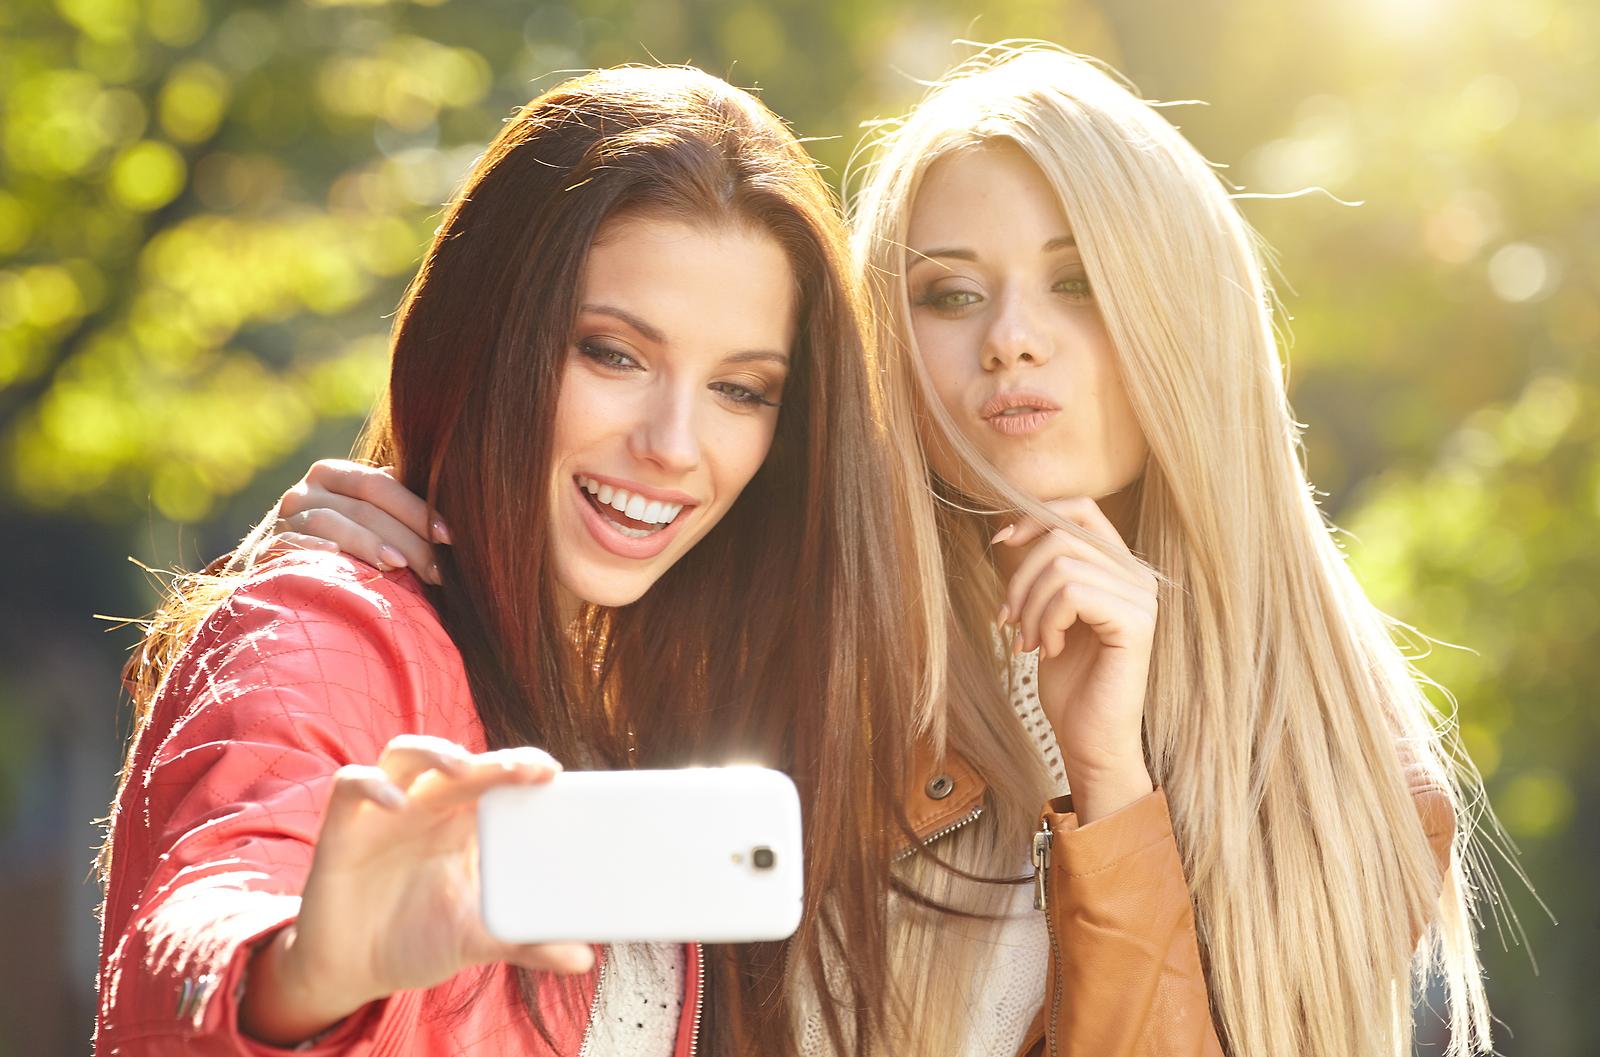 【自撮りを意味する英語】Selfie(セルフィー)の意味と正しい使い方 「relfie」